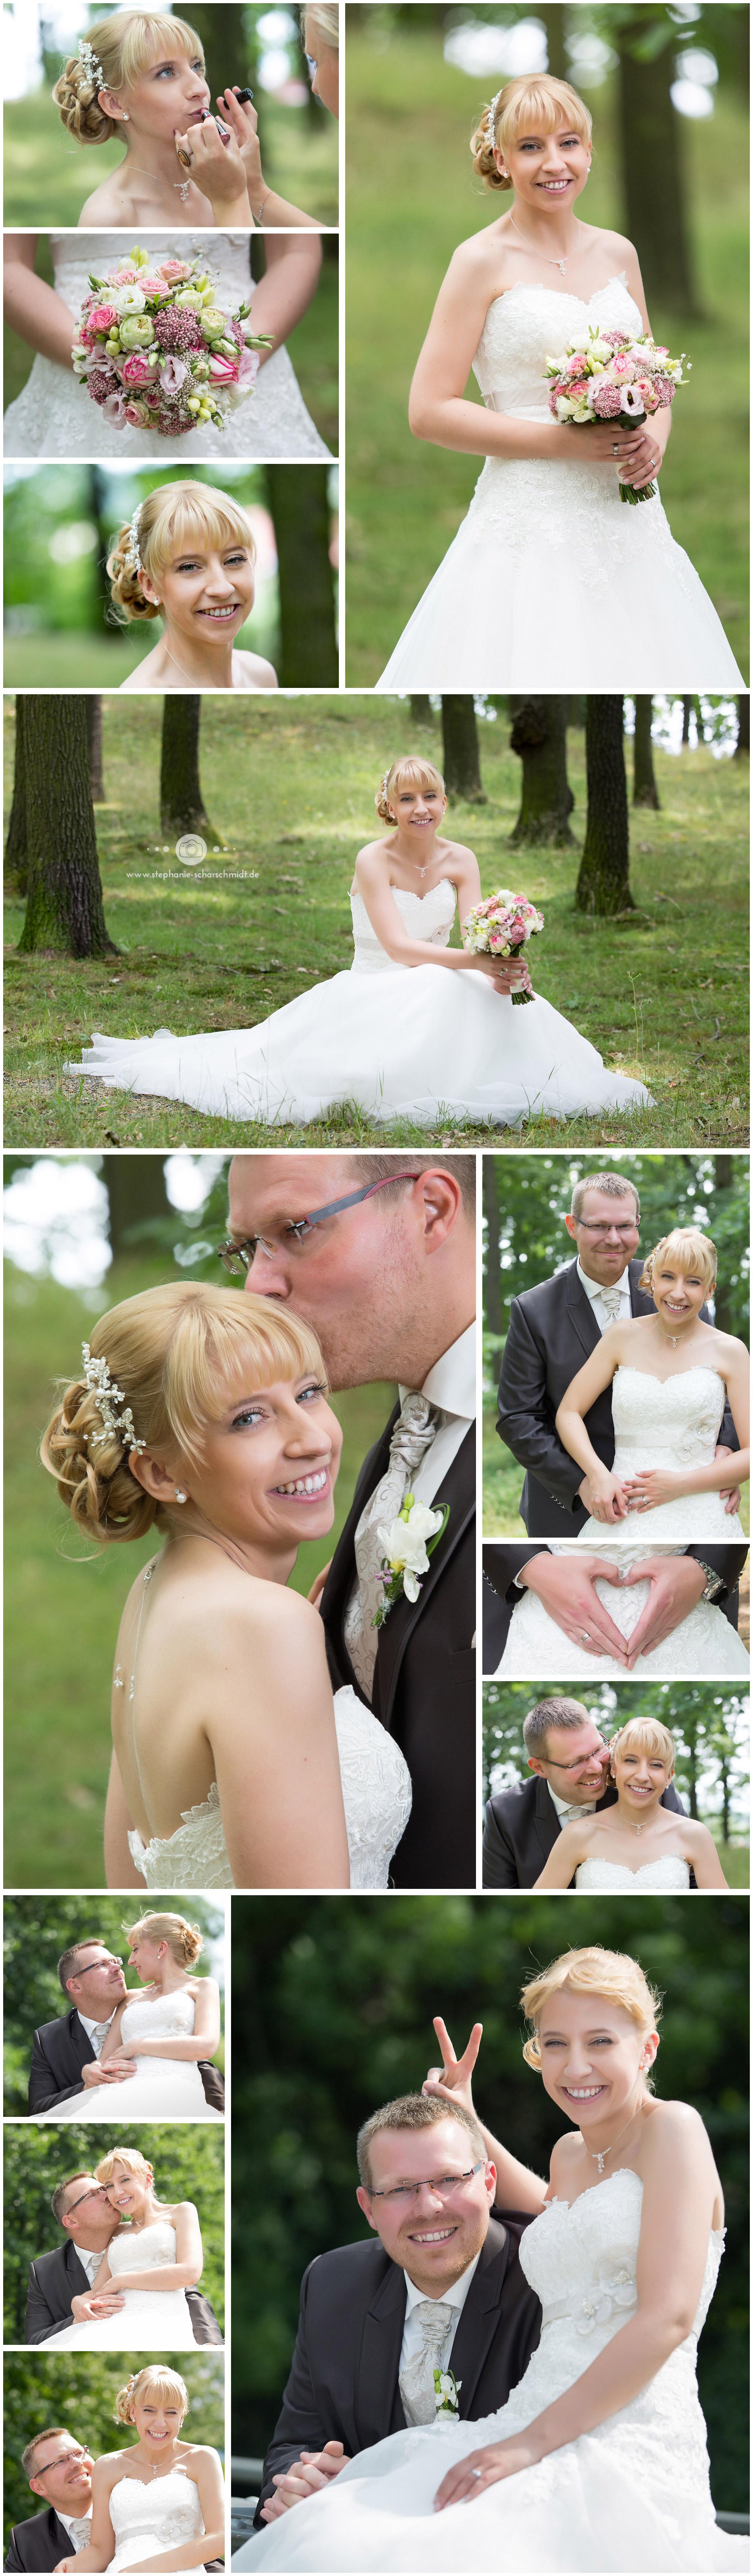 Fotograf Zwickau hochzeitsfotograf Erzgebirge - Hochzeitsfotografen Stephanie Scharschmidt